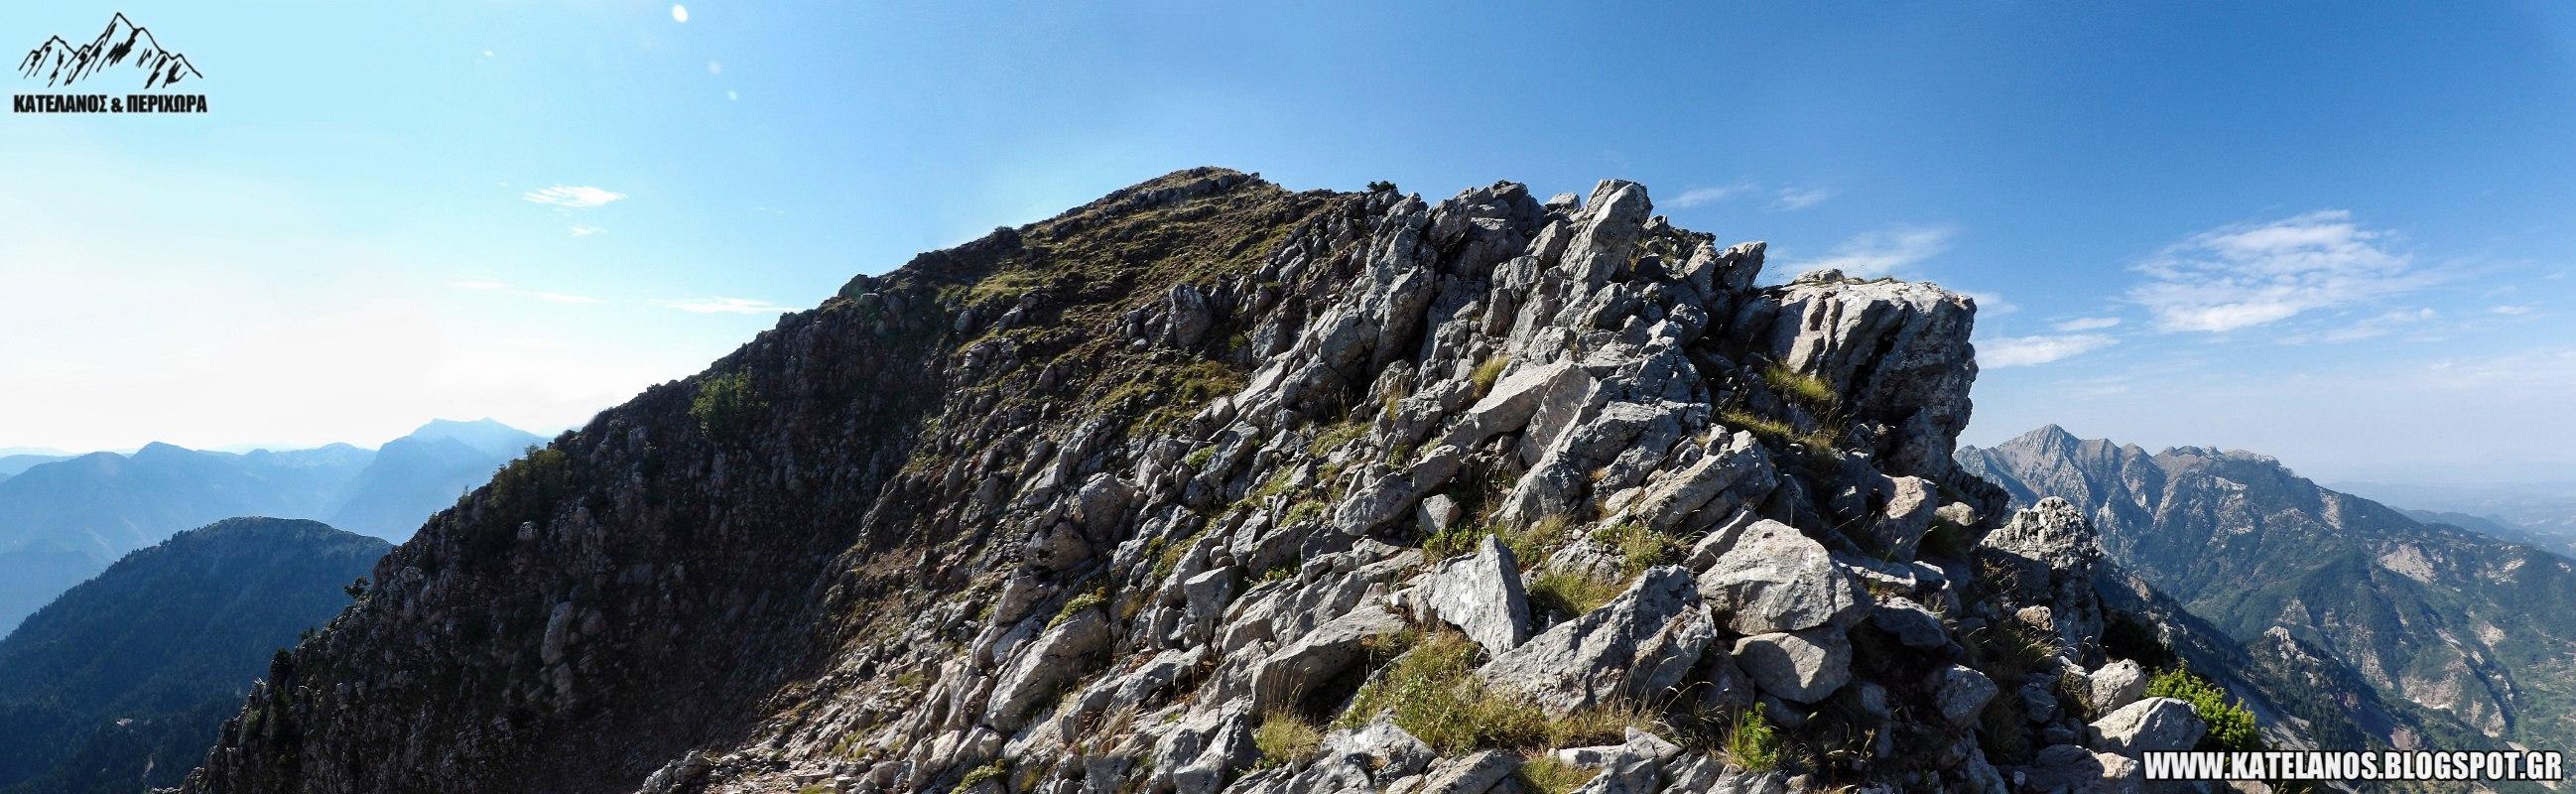 βουνοκορφη τσοκα παναιτωλικο ορος αναβαση